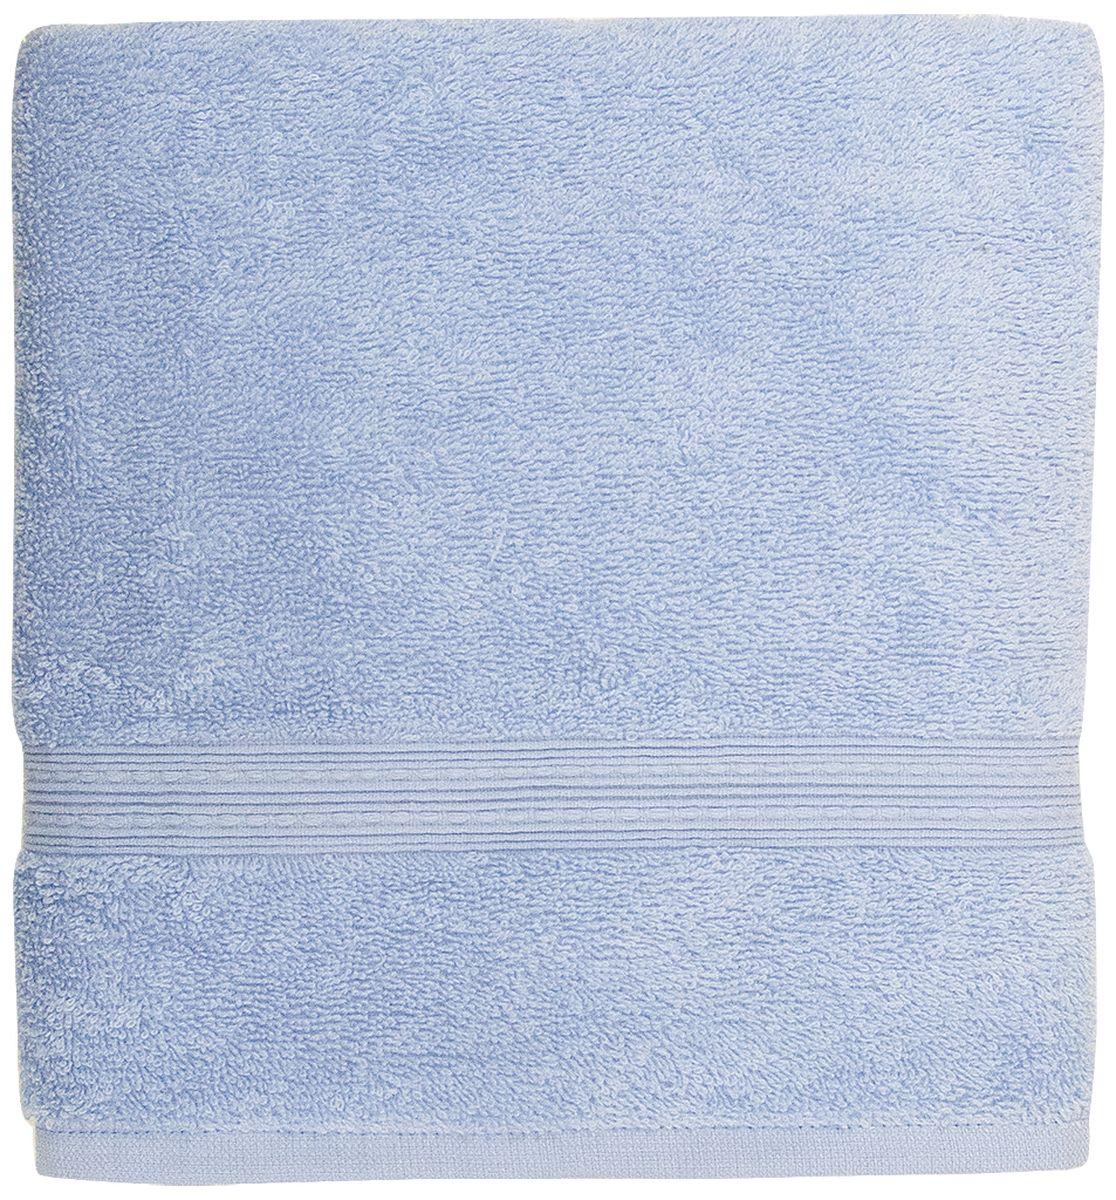 Полотенце банное Bonita Classic, цвет: азур, 50 x 90 см1011217219Банное полотенце Bonita Classic выполнено из 100% хлопка. Изделие отлично впитывает влагу, быстро сохнет, сохраняет яркость цвета и нетеряет форму даже после многократных стирок.Такое полотенце очень практично и неприхотливо в уходе. Оно создаст прекрасное настроение и украсит интерьер вванной комнате.